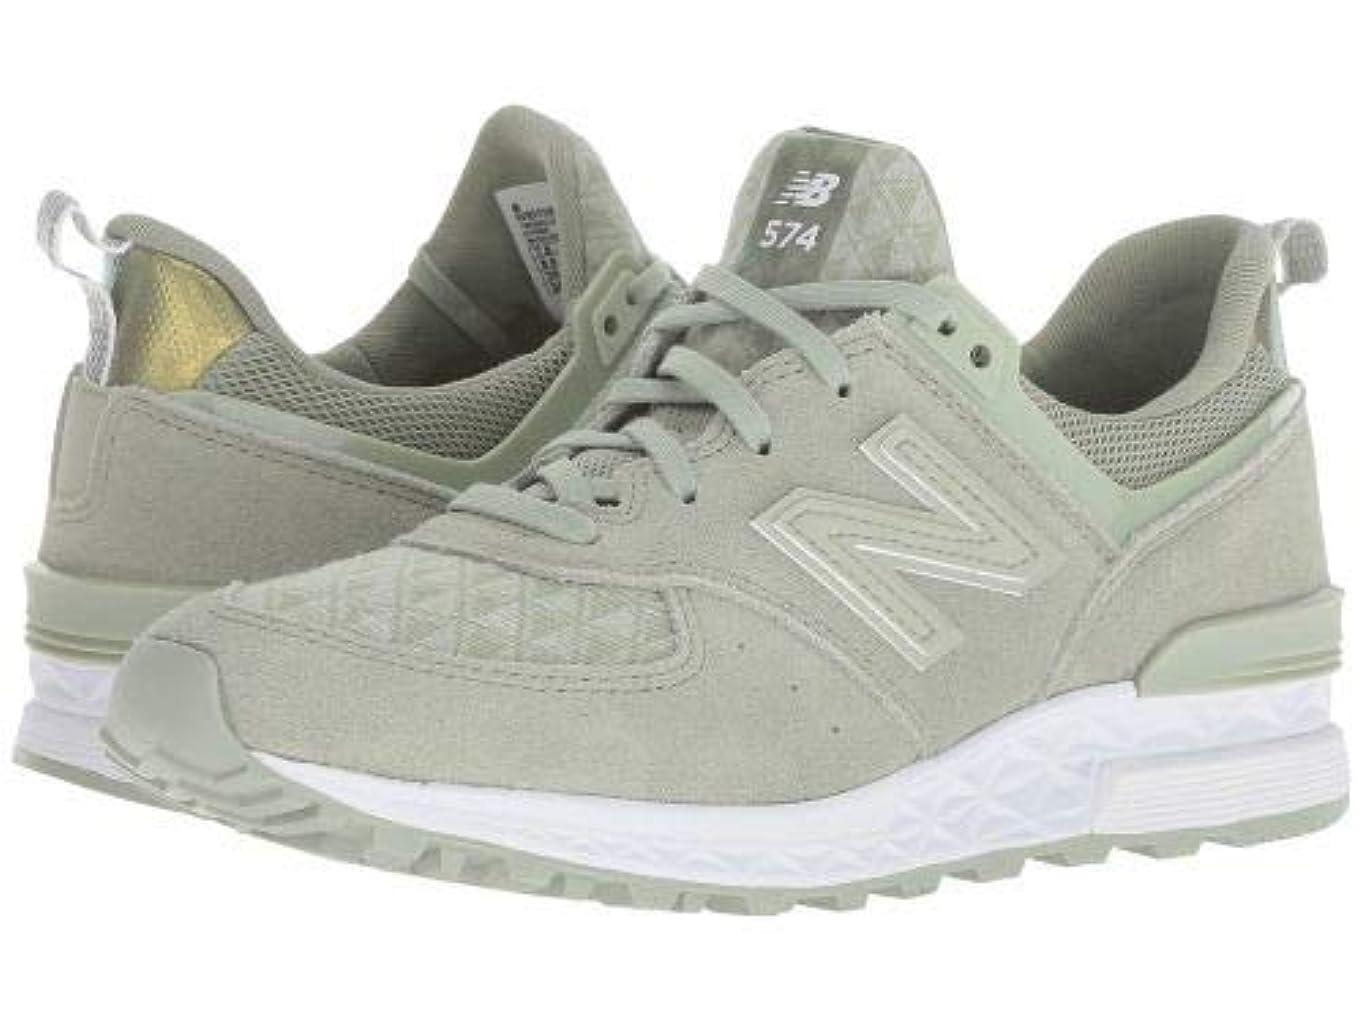 硫黄茎ジャンプするNew Balance Classics(ニューバランス クラシック) レディース 女性用 シューズ 靴 スニーカー 運動靴 WS574 - Silver Mint [並行輸入品]